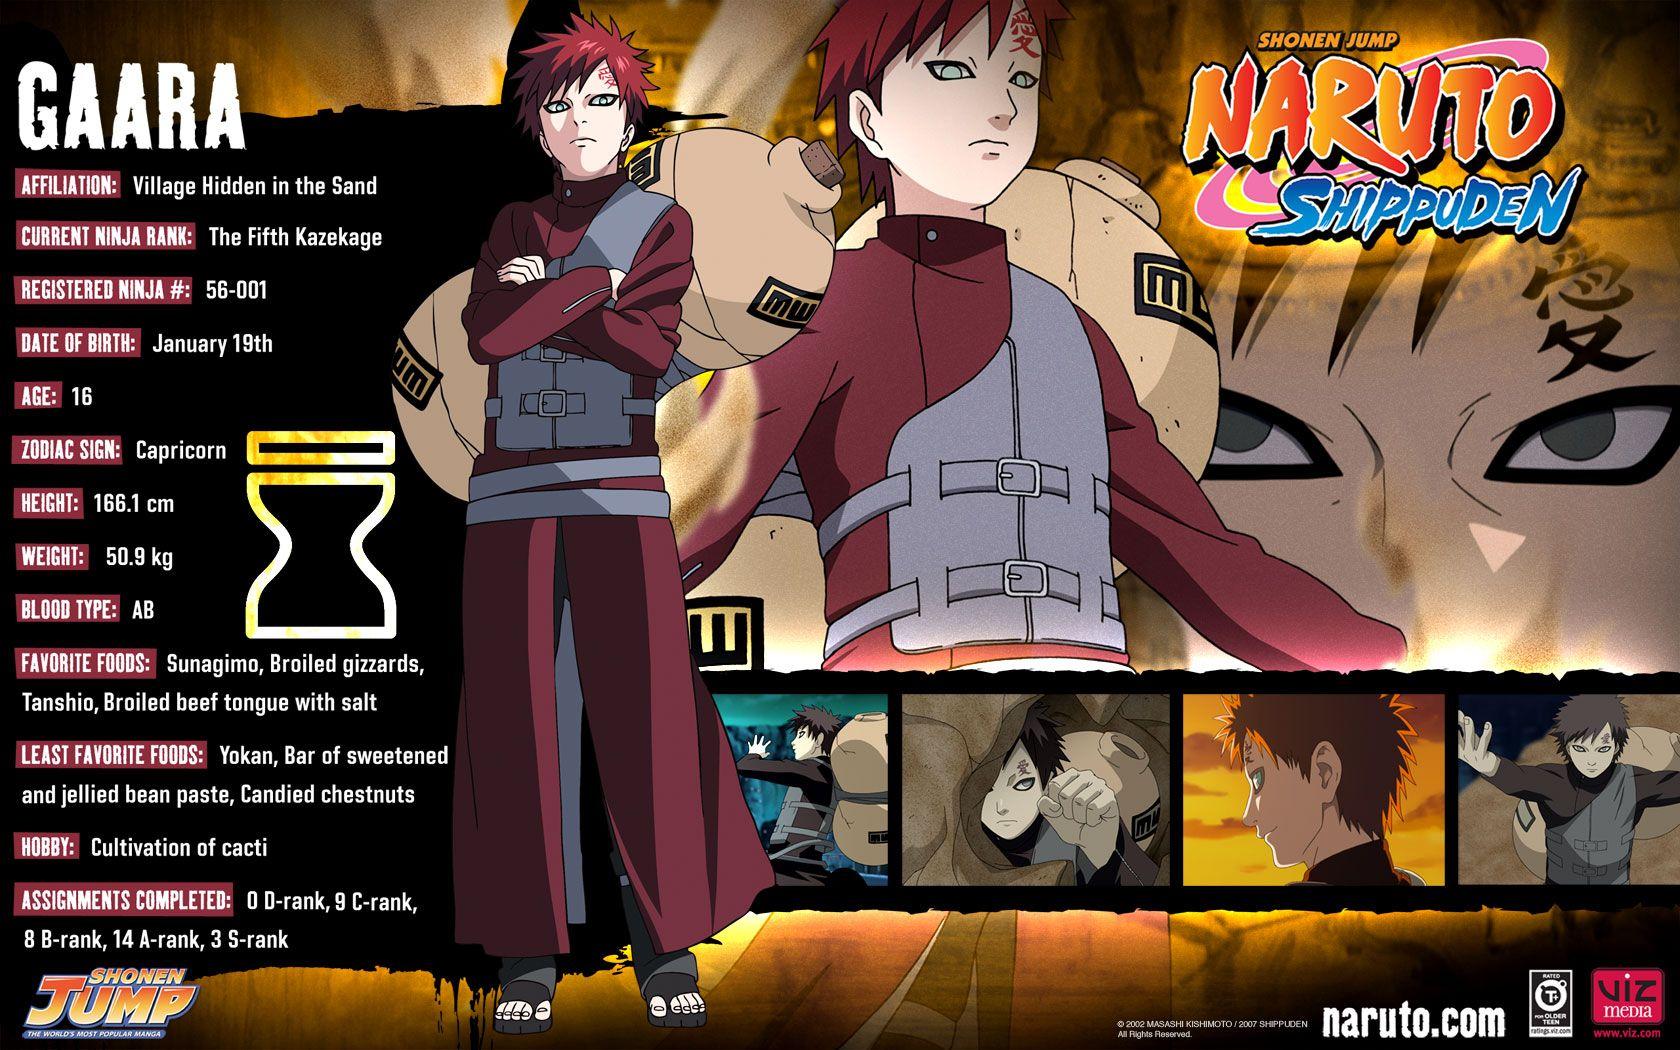 Gaara Naruto Shippuden Characters | Naruto | Pinterest ...